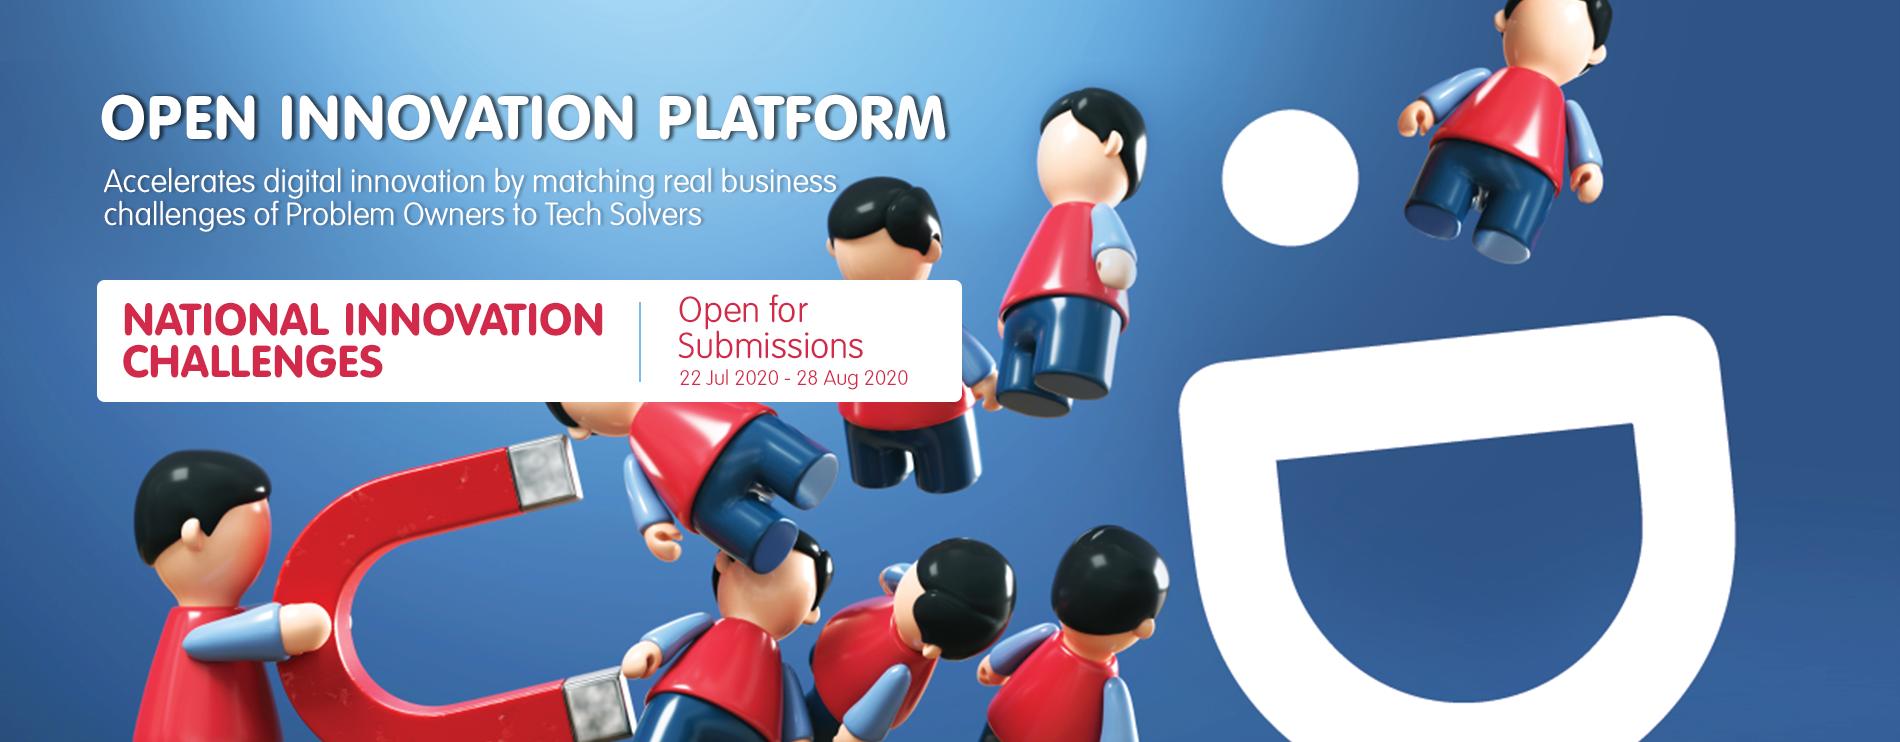 IMDA Open Innovation Challenges (NIC July)